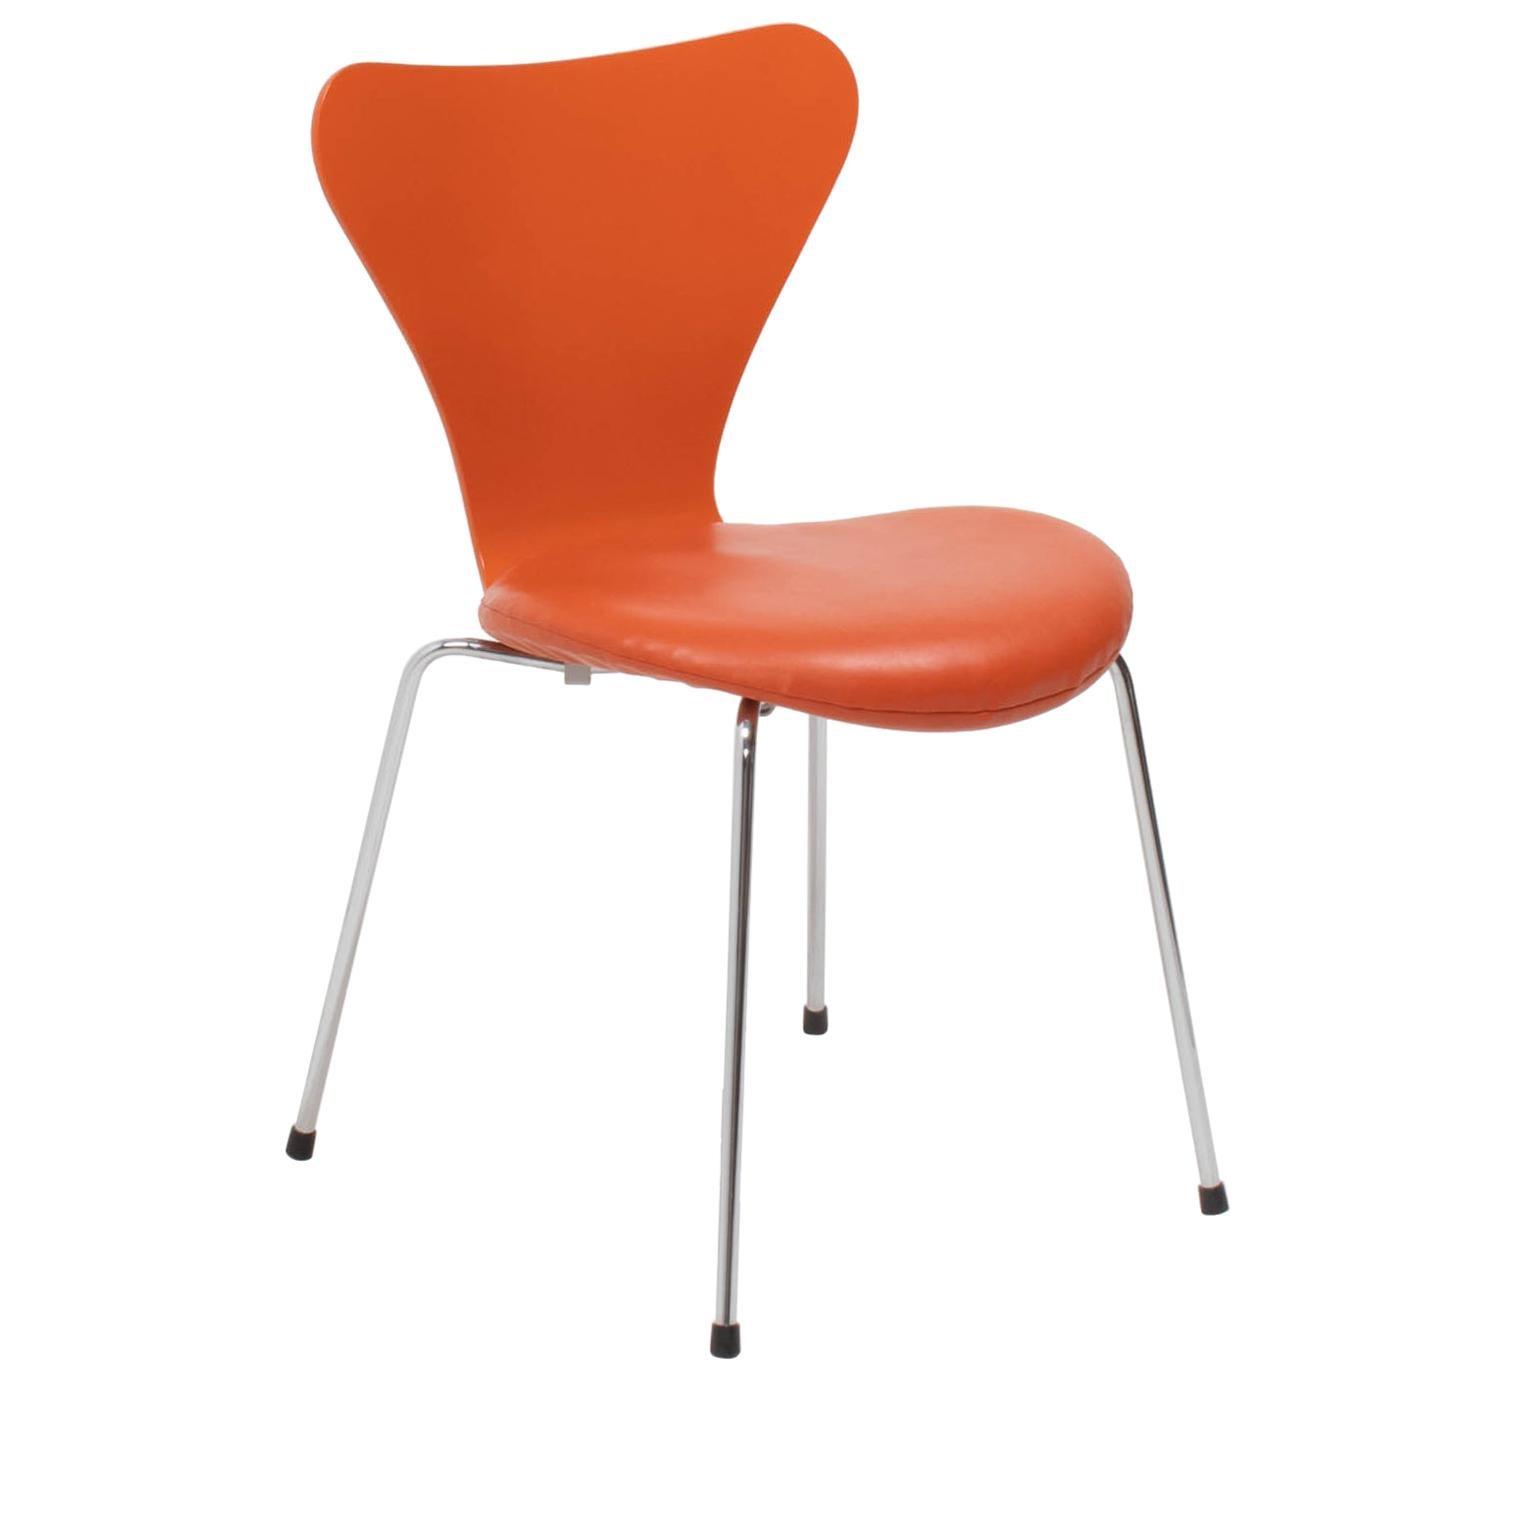 Arne Jacobsen for Fritz Hansen Orange Leather Series 7 Chair